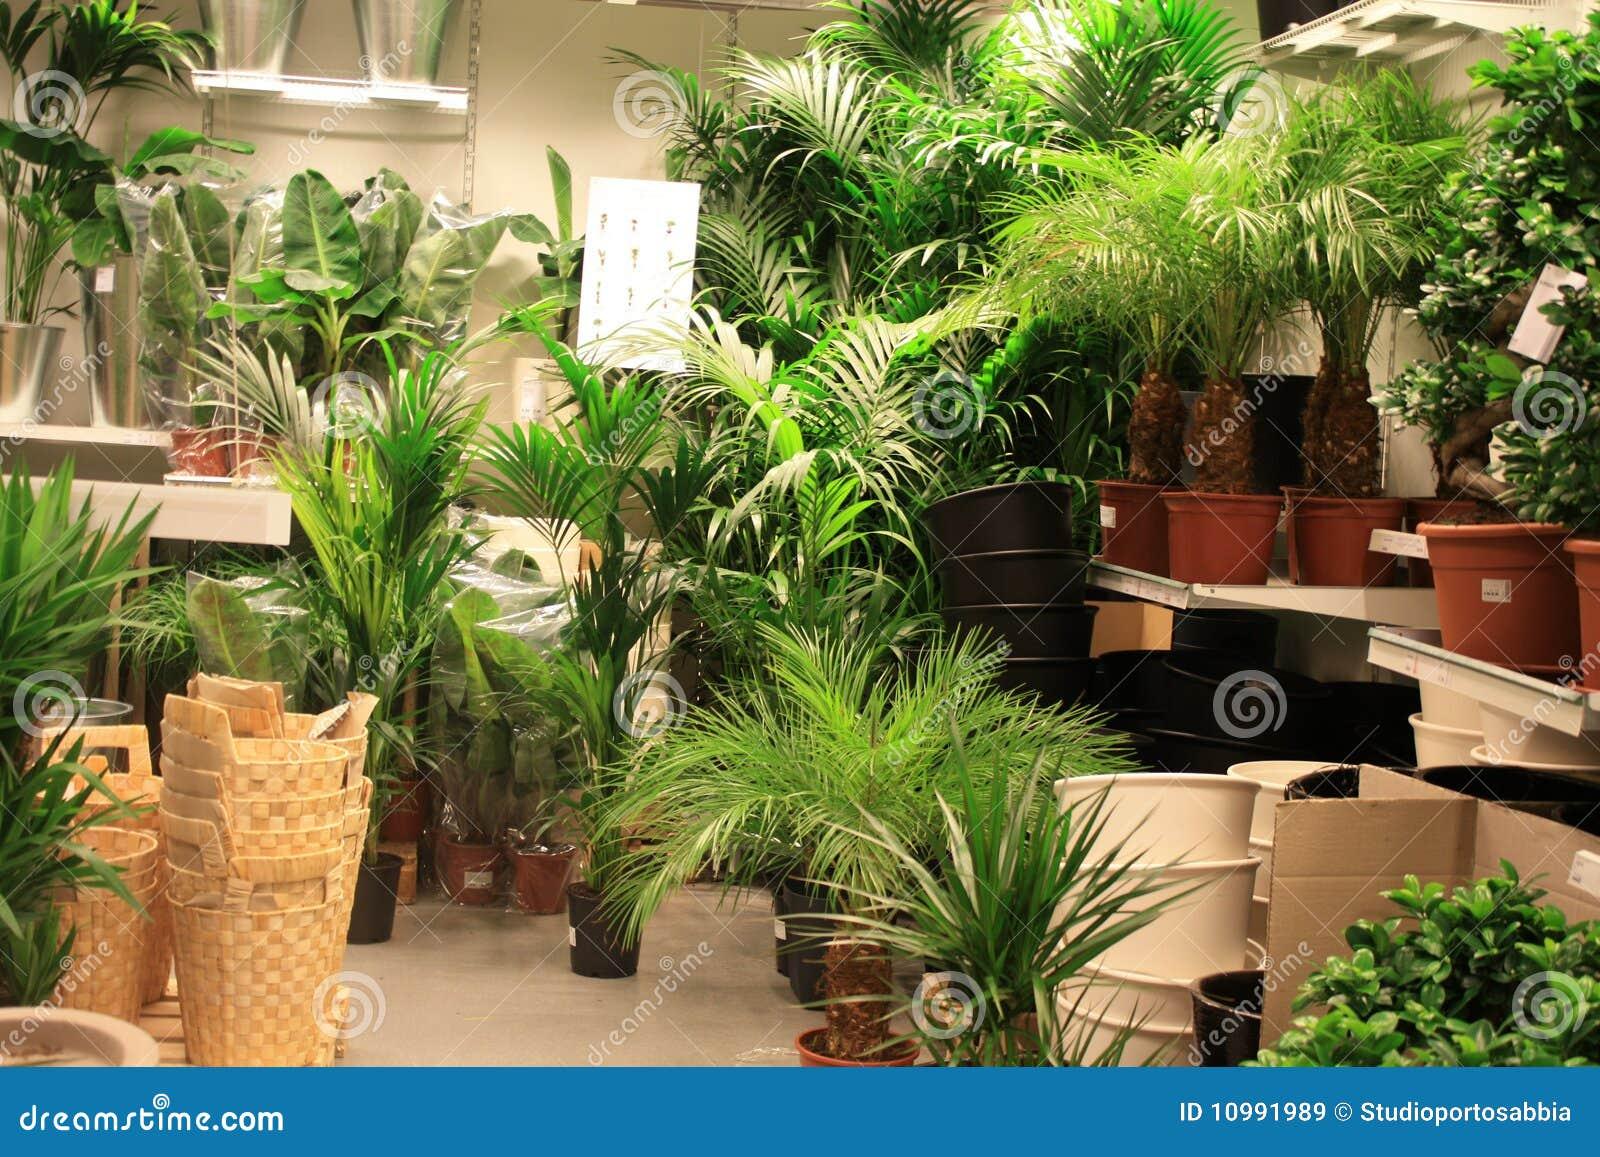 Plantas No Centro De Jardim Imagens de Stock Royalty Free  Imagem